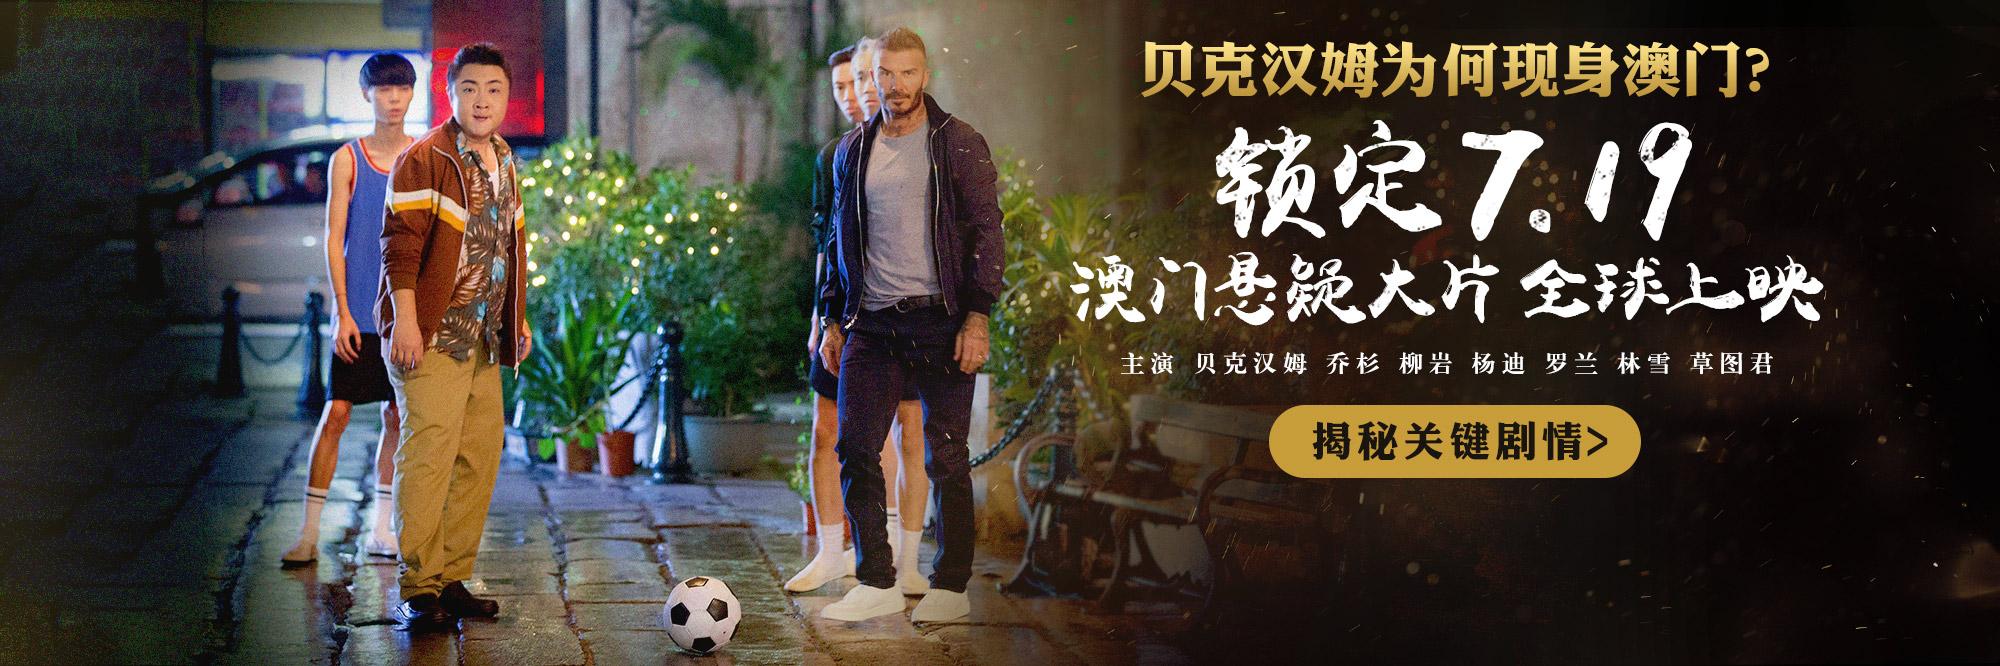 David Beckham video